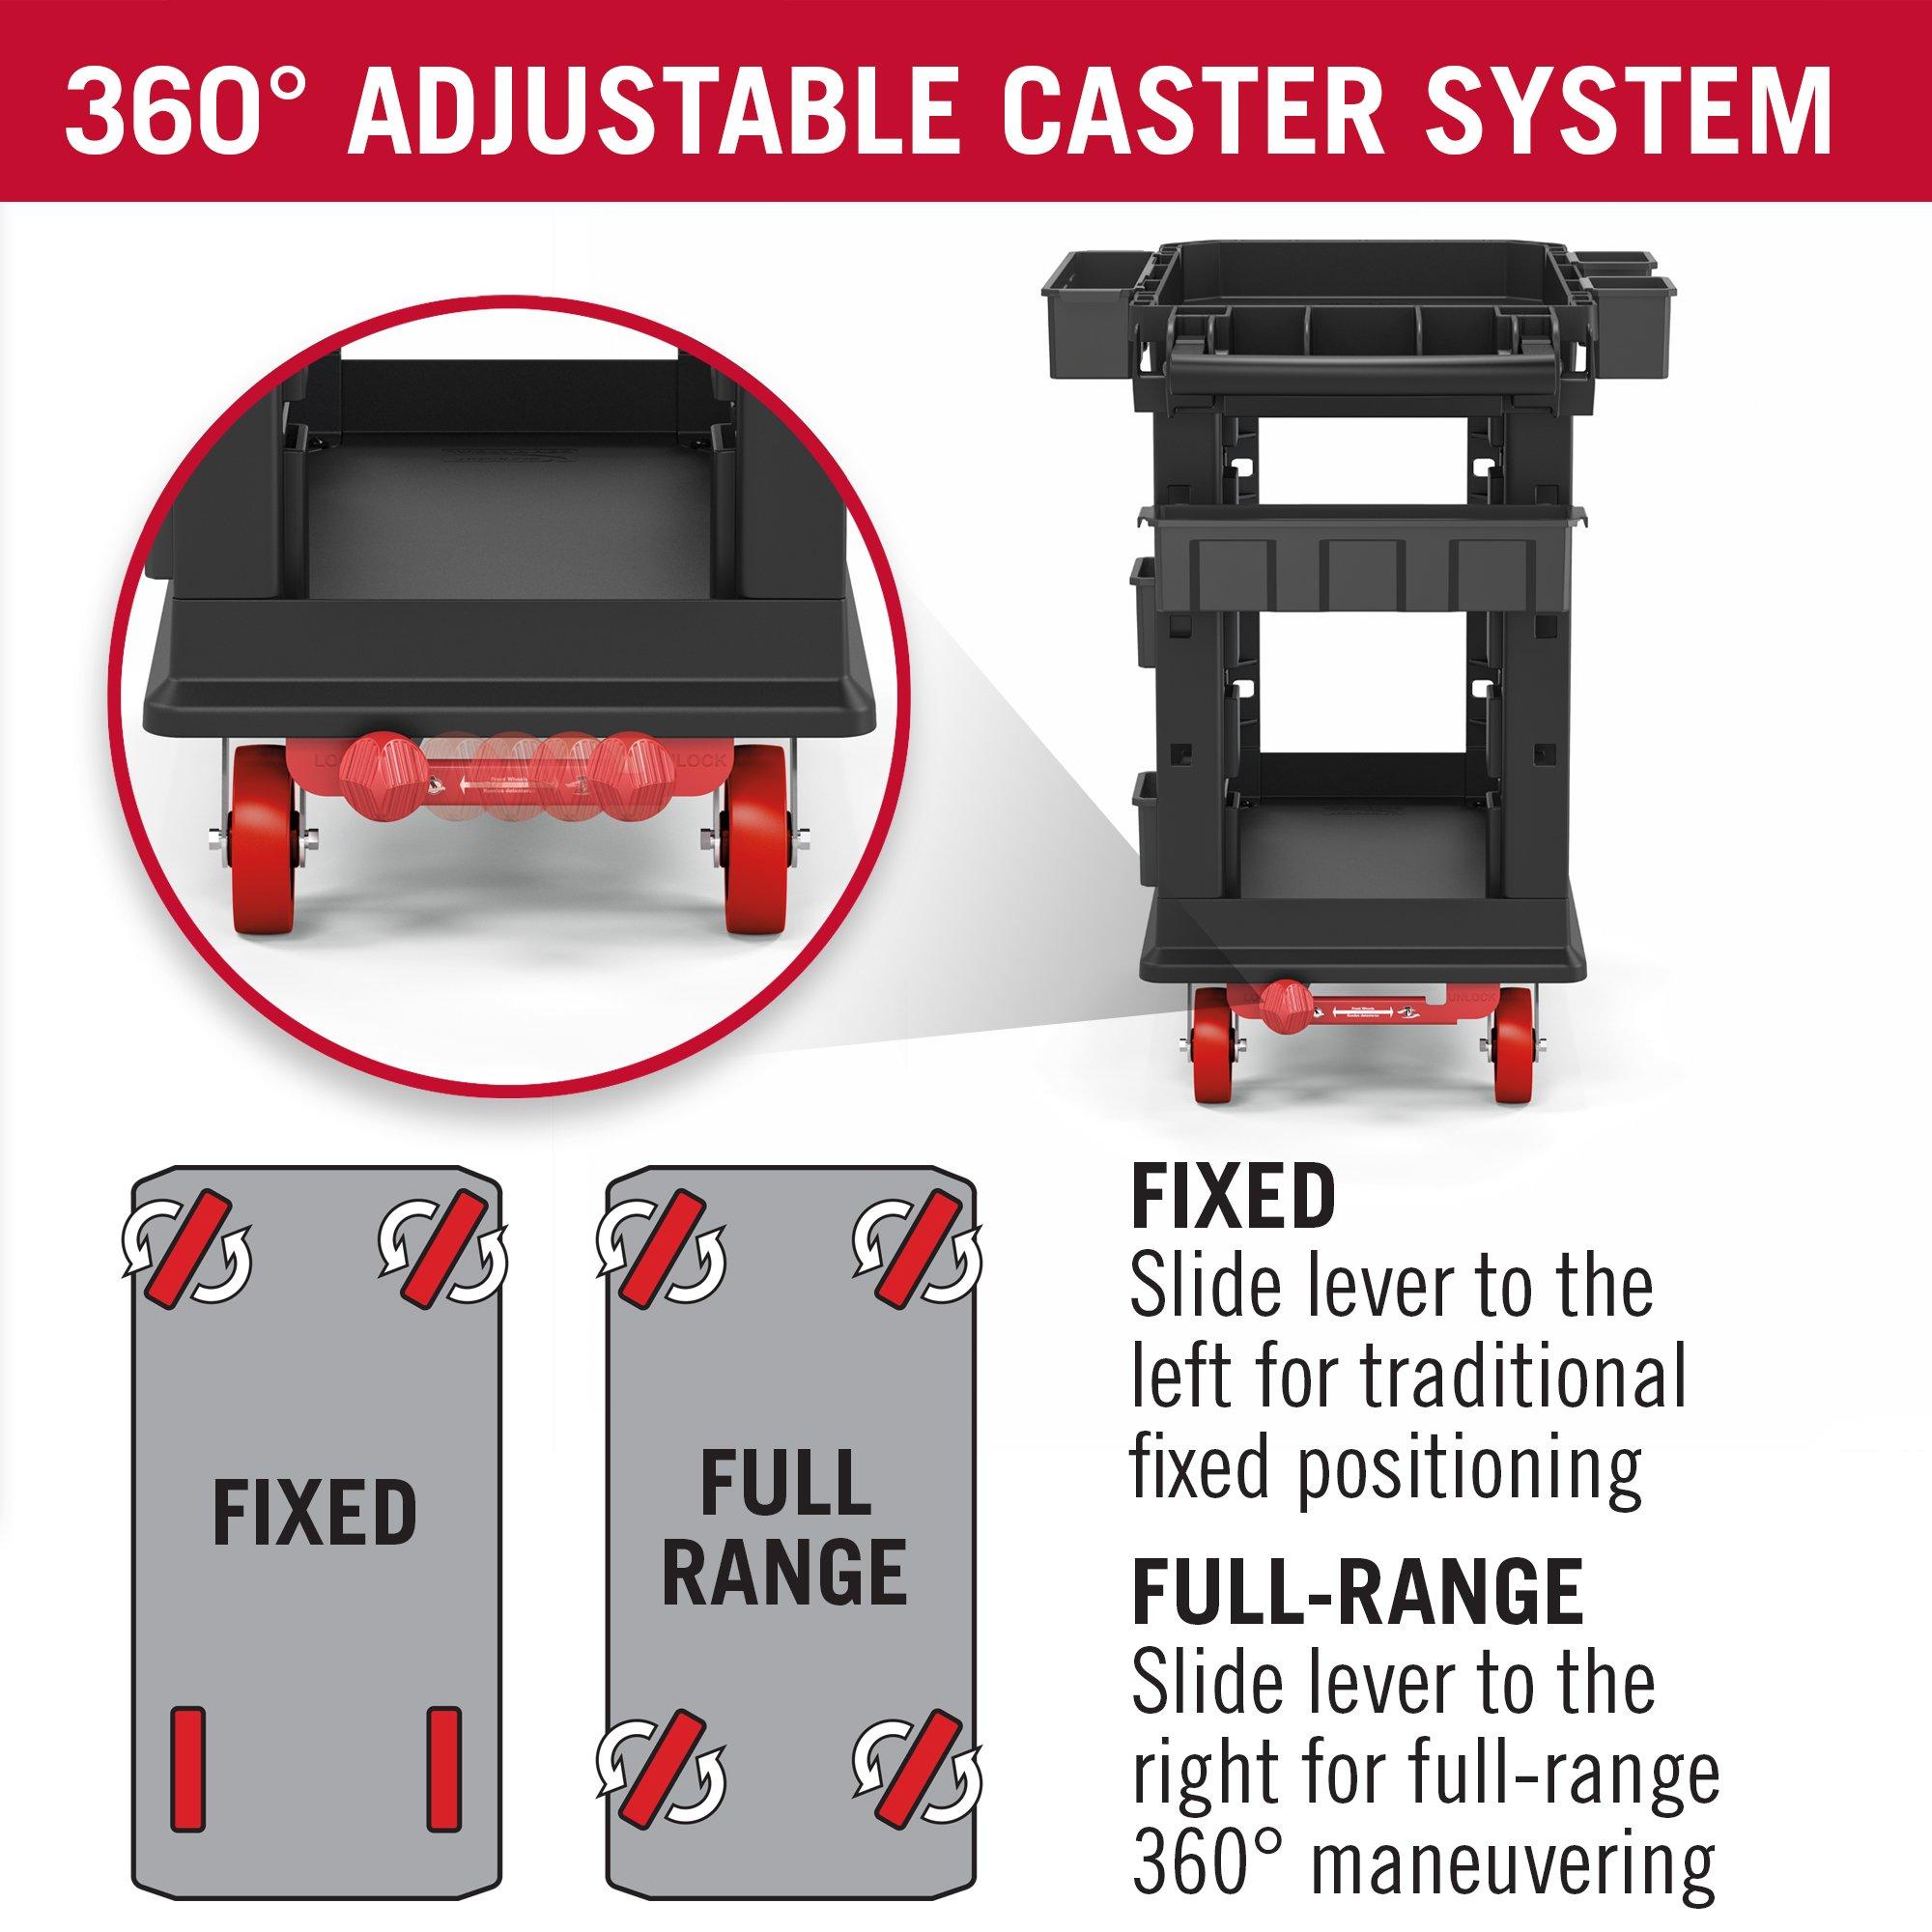 Suncast Commercial PUCHD2645 Utility Cart, Heavy Duty Plus, 500 Pounds Load Capacity, Black by Suncast Commercial (Image #2)